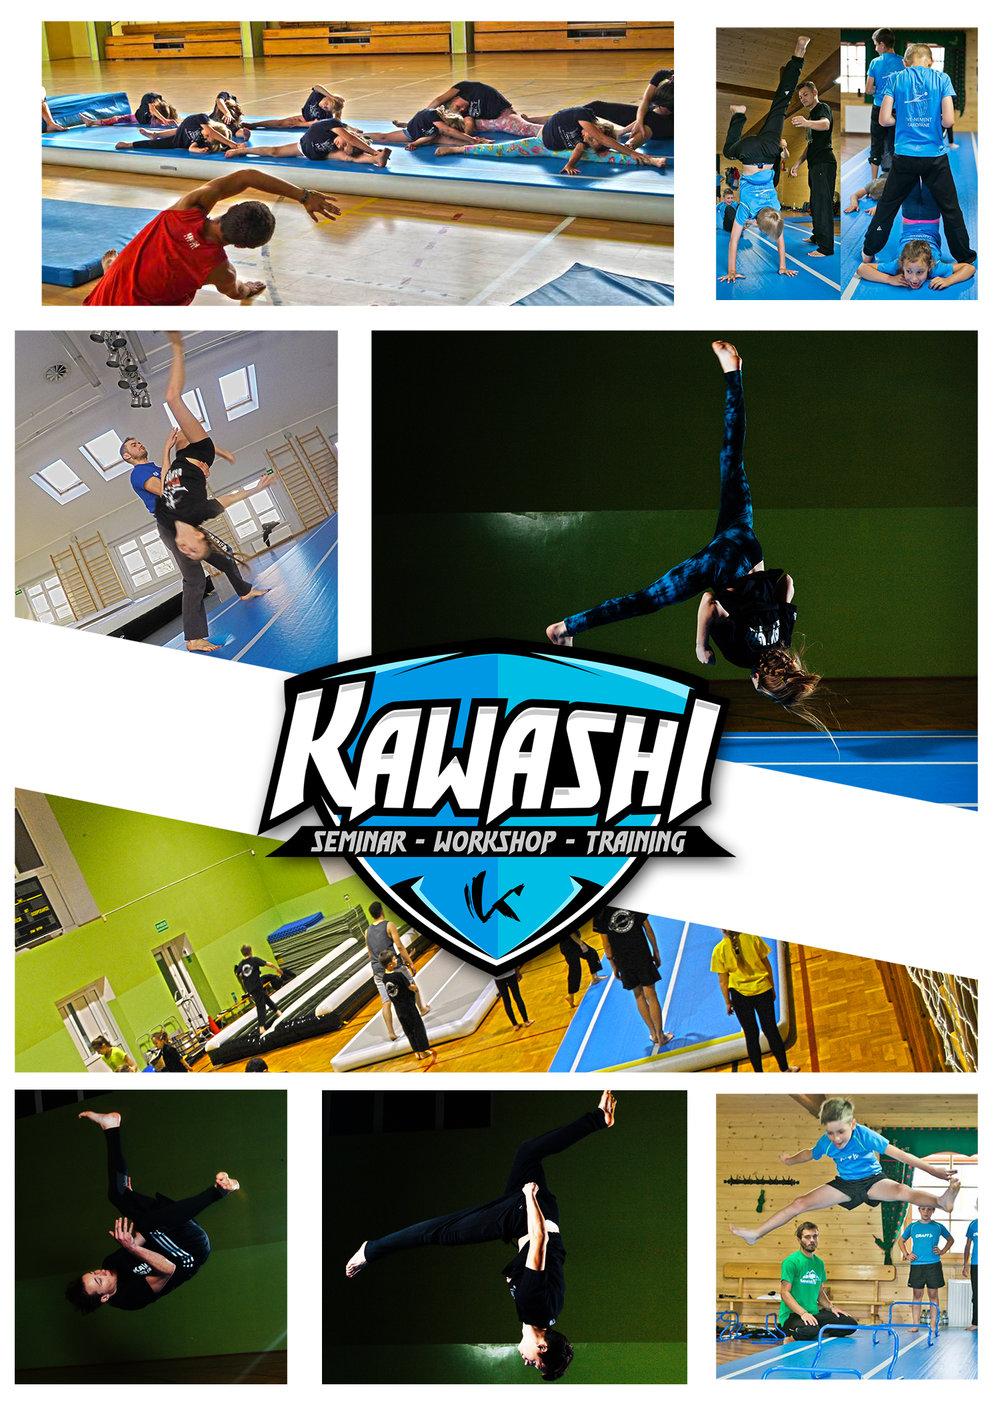 """ekipa Kawashi - TRICKINGKawashispecjalizującą się w propagowaniu tzw. Extremalnych Sztuk Walki, nowe sporty do których zaliczamy min. Martial Arts Tricking oraz Sportowe Karate/Kickboxing (konkurencje bezkontaktowe tj. Formy Przy Muzyce) . Podczas obozu instruktorzy Kawashi poprowadzą warsztaty z TRICKINGU.TRICKING jest młodym, niesformalizowanym sportem powstałym na bazie sztuk walk oraz akrobatyki/gimnastyki, lecz wyraża się w wykonywaniu przez ćwiczących (trickerów) kopnięć, salt, śrub oraz innych tricków w """"luźnych"""" i spontanicznych połączeniach. Zadaniem trickera jest wykonywa- nie pojedynczych tricków lub ich połączeń, tzw. kombinacji tricków w sposób kreatywny i widowiskowy. To czyni z tego sportu ekstremalną, nie- przewidywalną i ciągle rozwijającą się dyscyplinę. Tworzą ją i rozwijają sami ćwiczący co powoduje, iż nie da się jej sformalizować i ująć w pewne ramy. W sporcie tym nie ma ograniczeń i każdy tricker poprzez kombinacje i sposób wykonywania danych elementów tworzy swój własny, indywidualny styl """"trickowania"""".Tricking coraz częściej znajduje zastosowanie m.in. w tańcu. Widowiskowe elementy podwyższają poziom układów czy spektakli i w do- datku wnoszą coś świeżego i nietypowego. www.kaswashi.pl"""